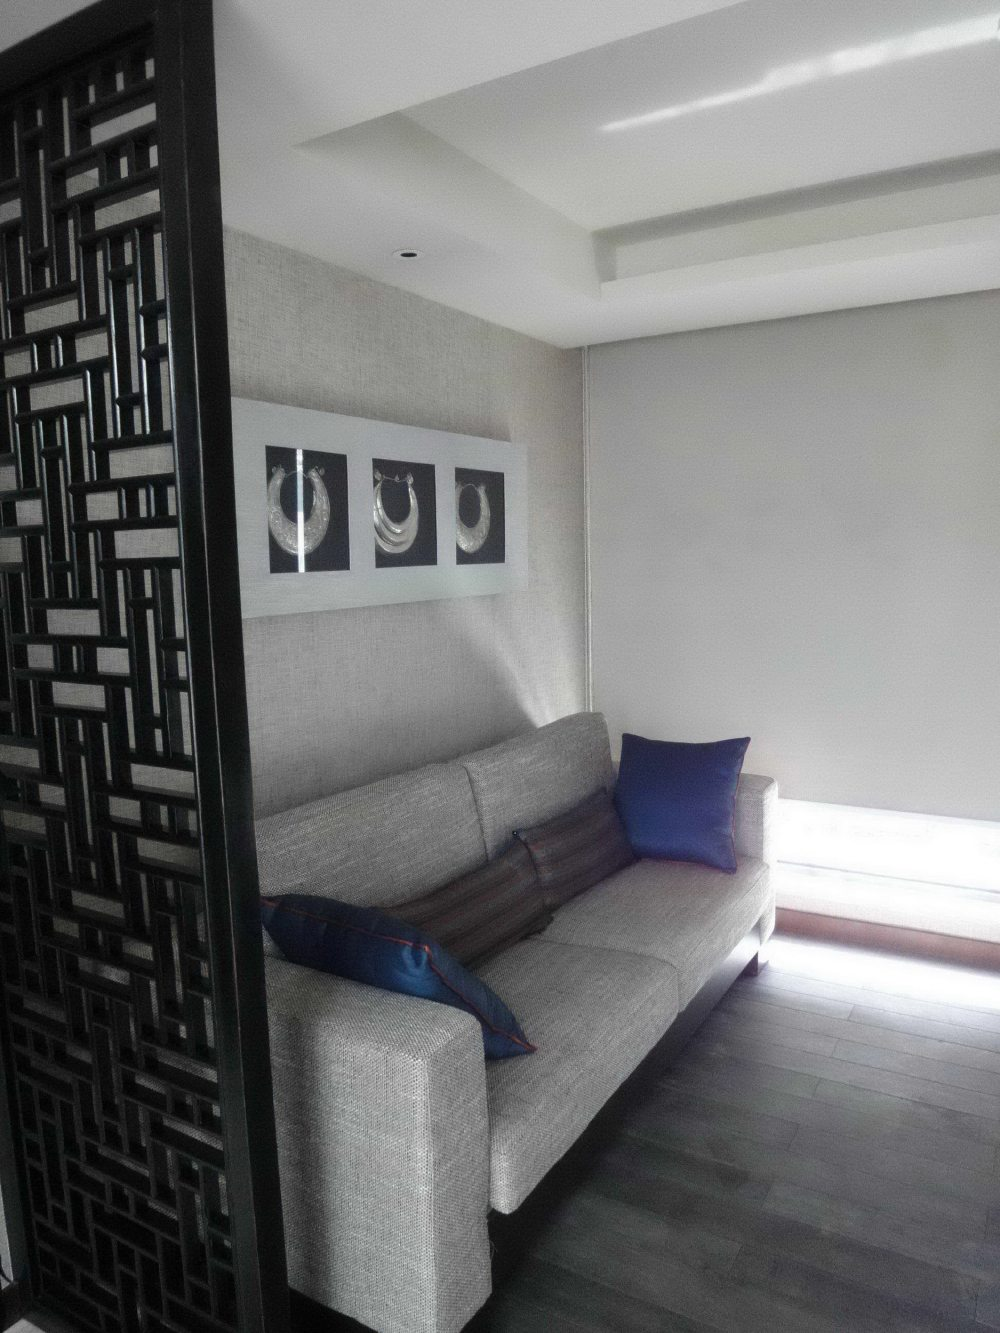 云南丽江铂尔曼渡假酒店(Lijiang Pullman Hotel)(CCD)(第8页更新)_DSC05200.jpg